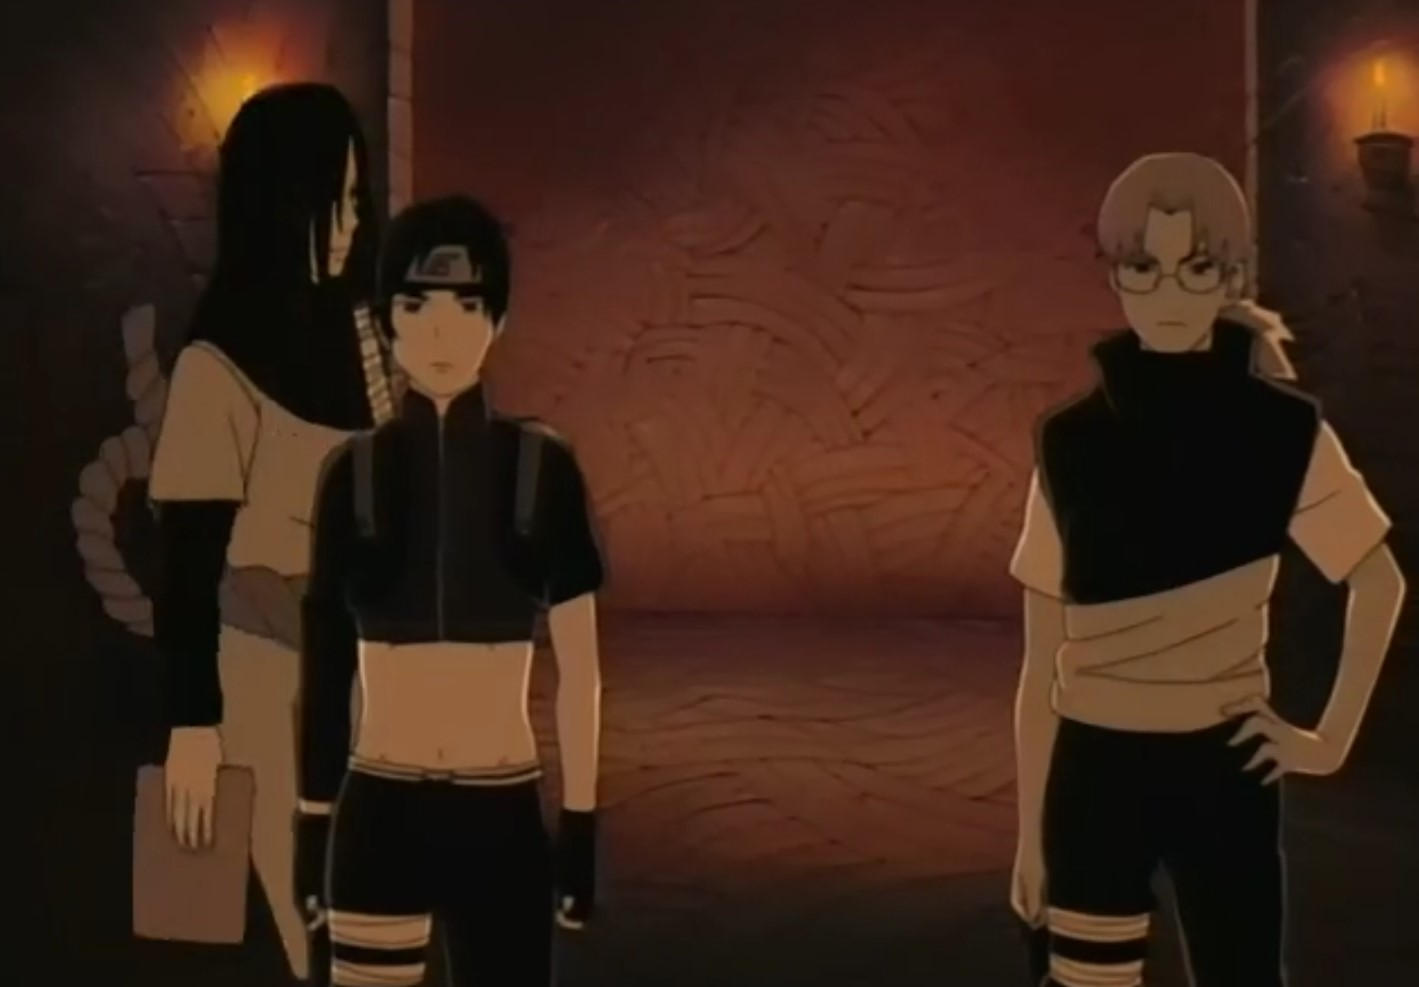 Naruto Shippuden Episódio 47, Assistir Naruto Shippuden Episódio 47, Assistir Naruto Shippuden Todos os Episódios Legendado, Naruto Shippuden episódio 47,HD